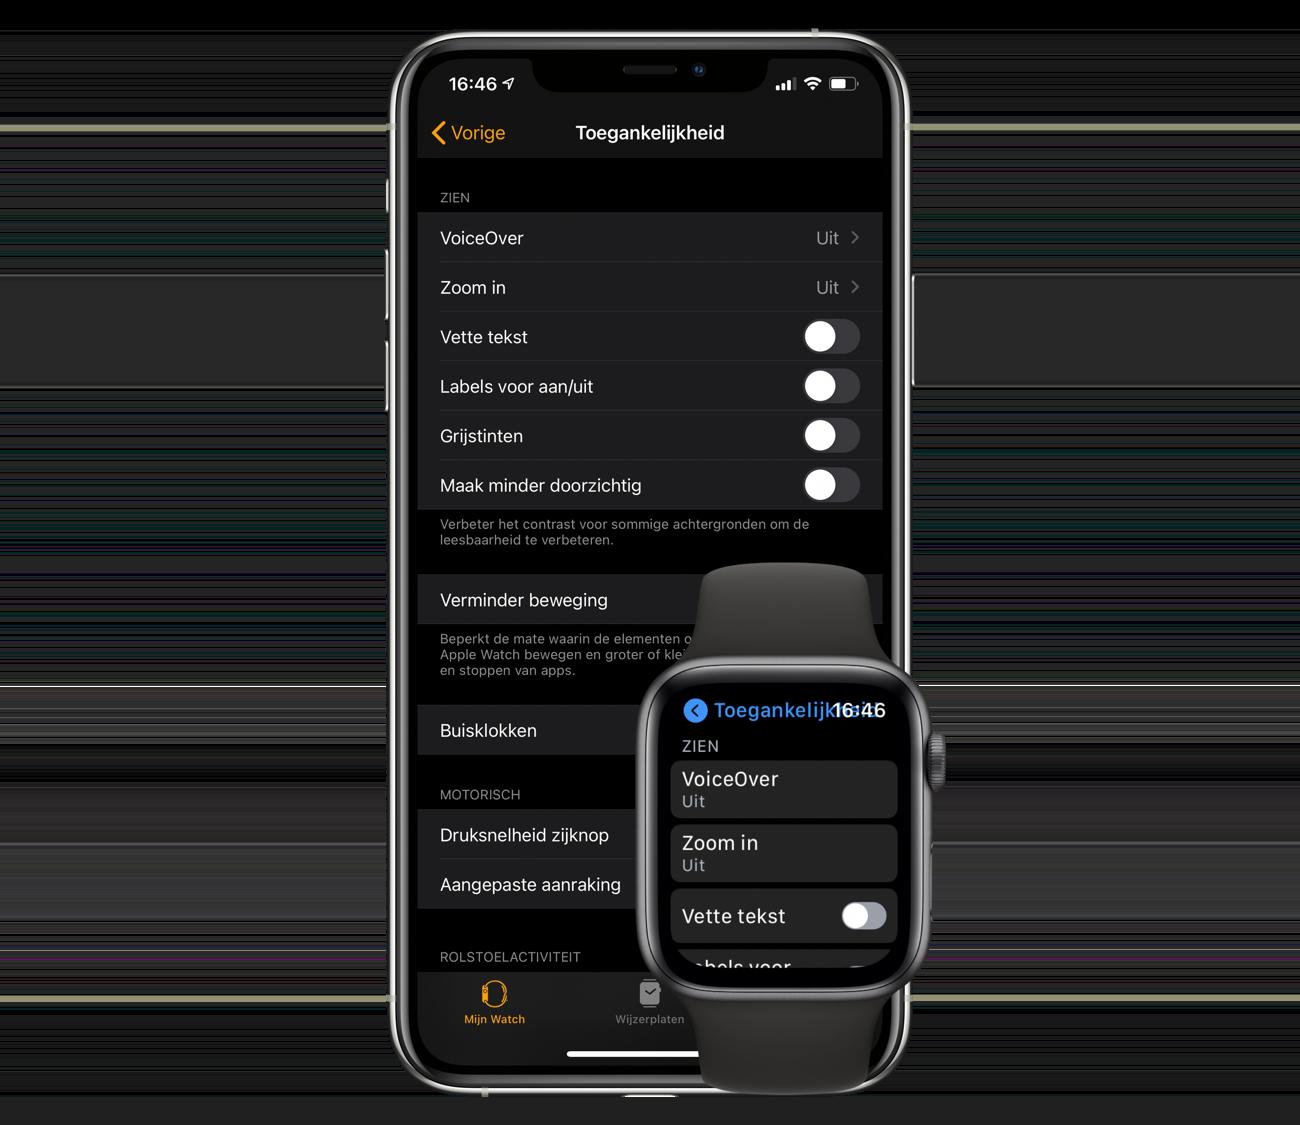 Apple Watch toegankelijkheid